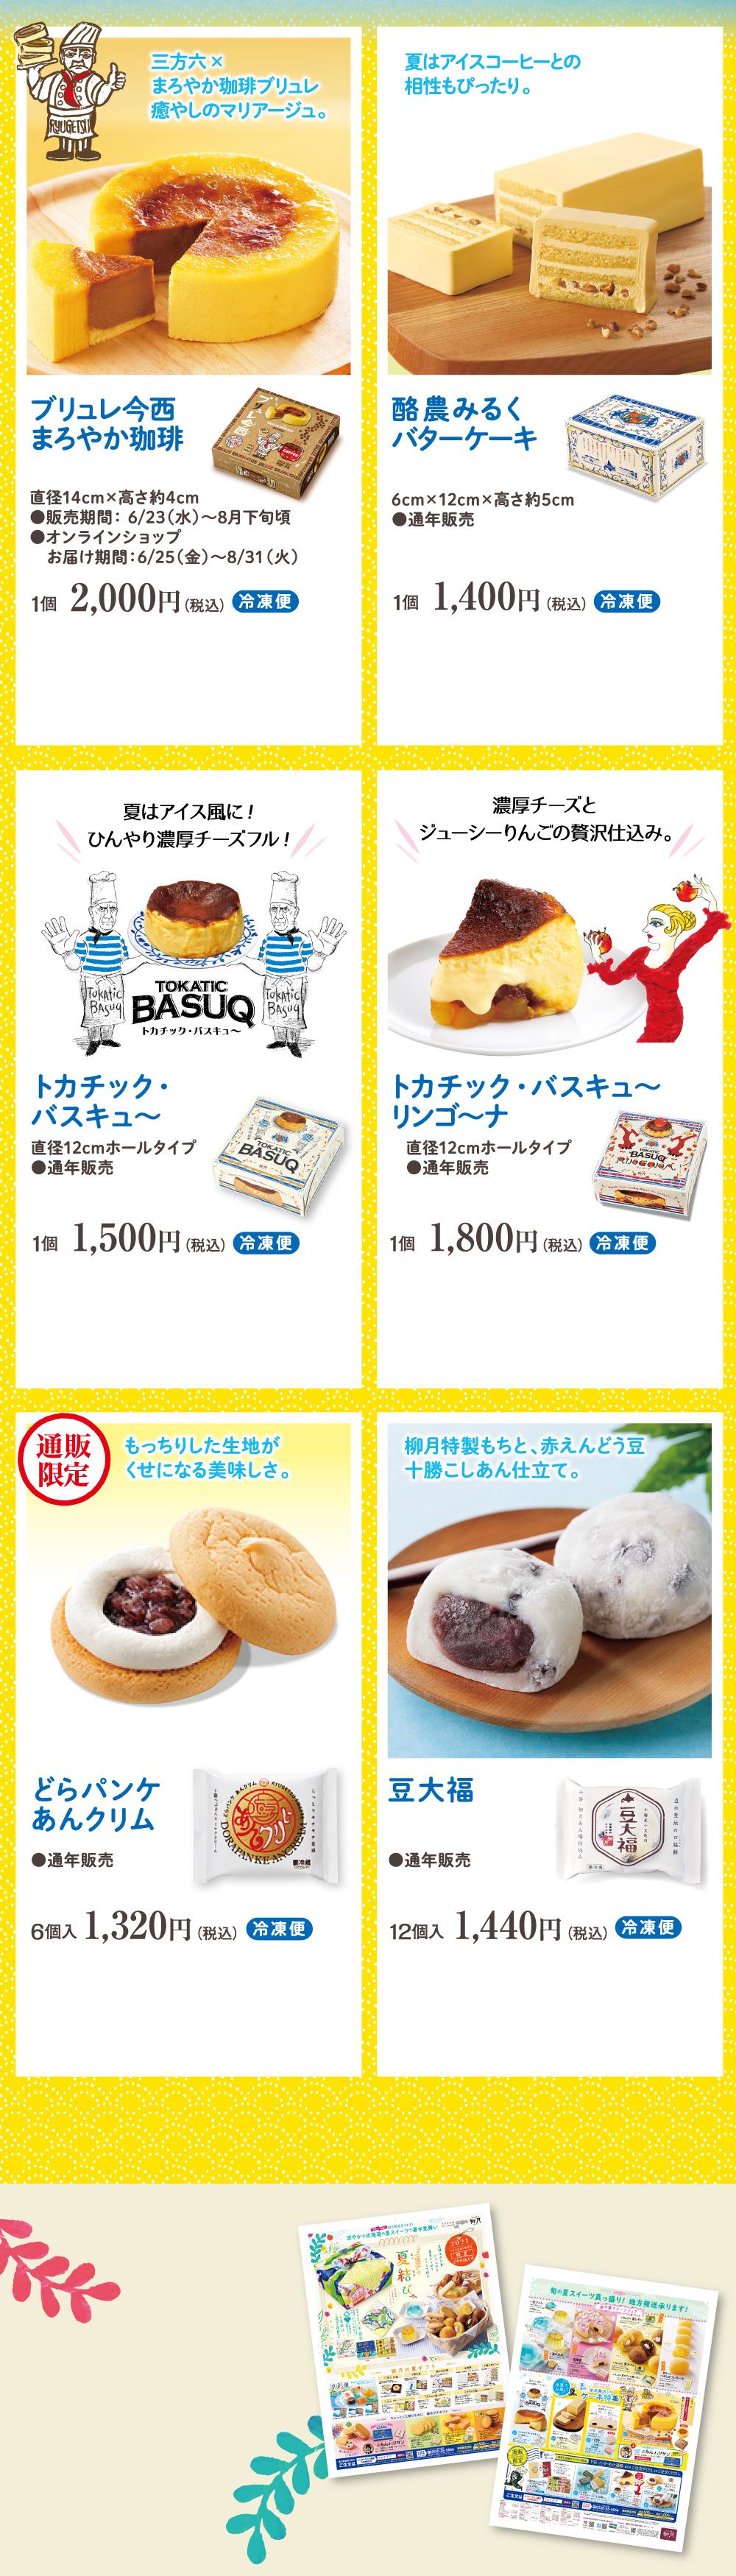 ブリュレ今西まろやか珈琲 酪農みるくバターケーキ トカチック・バスキュ~ トカチック・バスキュ~リンゴーナ どらパンケあんクリム 豆大福